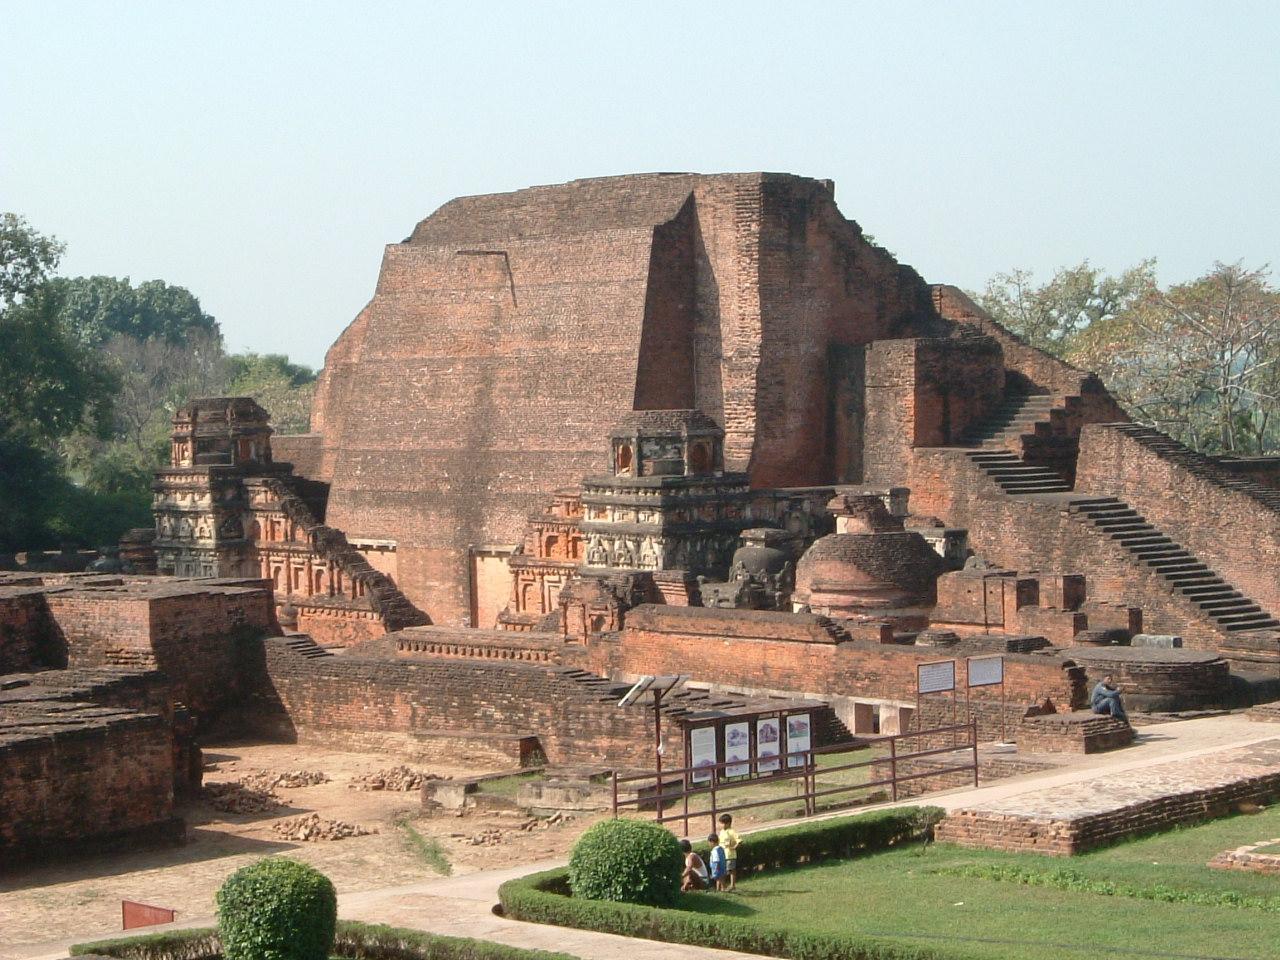 ここはナーランダ大学。お釈迦様滅後の仏教の中心地... 『インド仏跡参拝と世界遺産の旅?【ナーラ